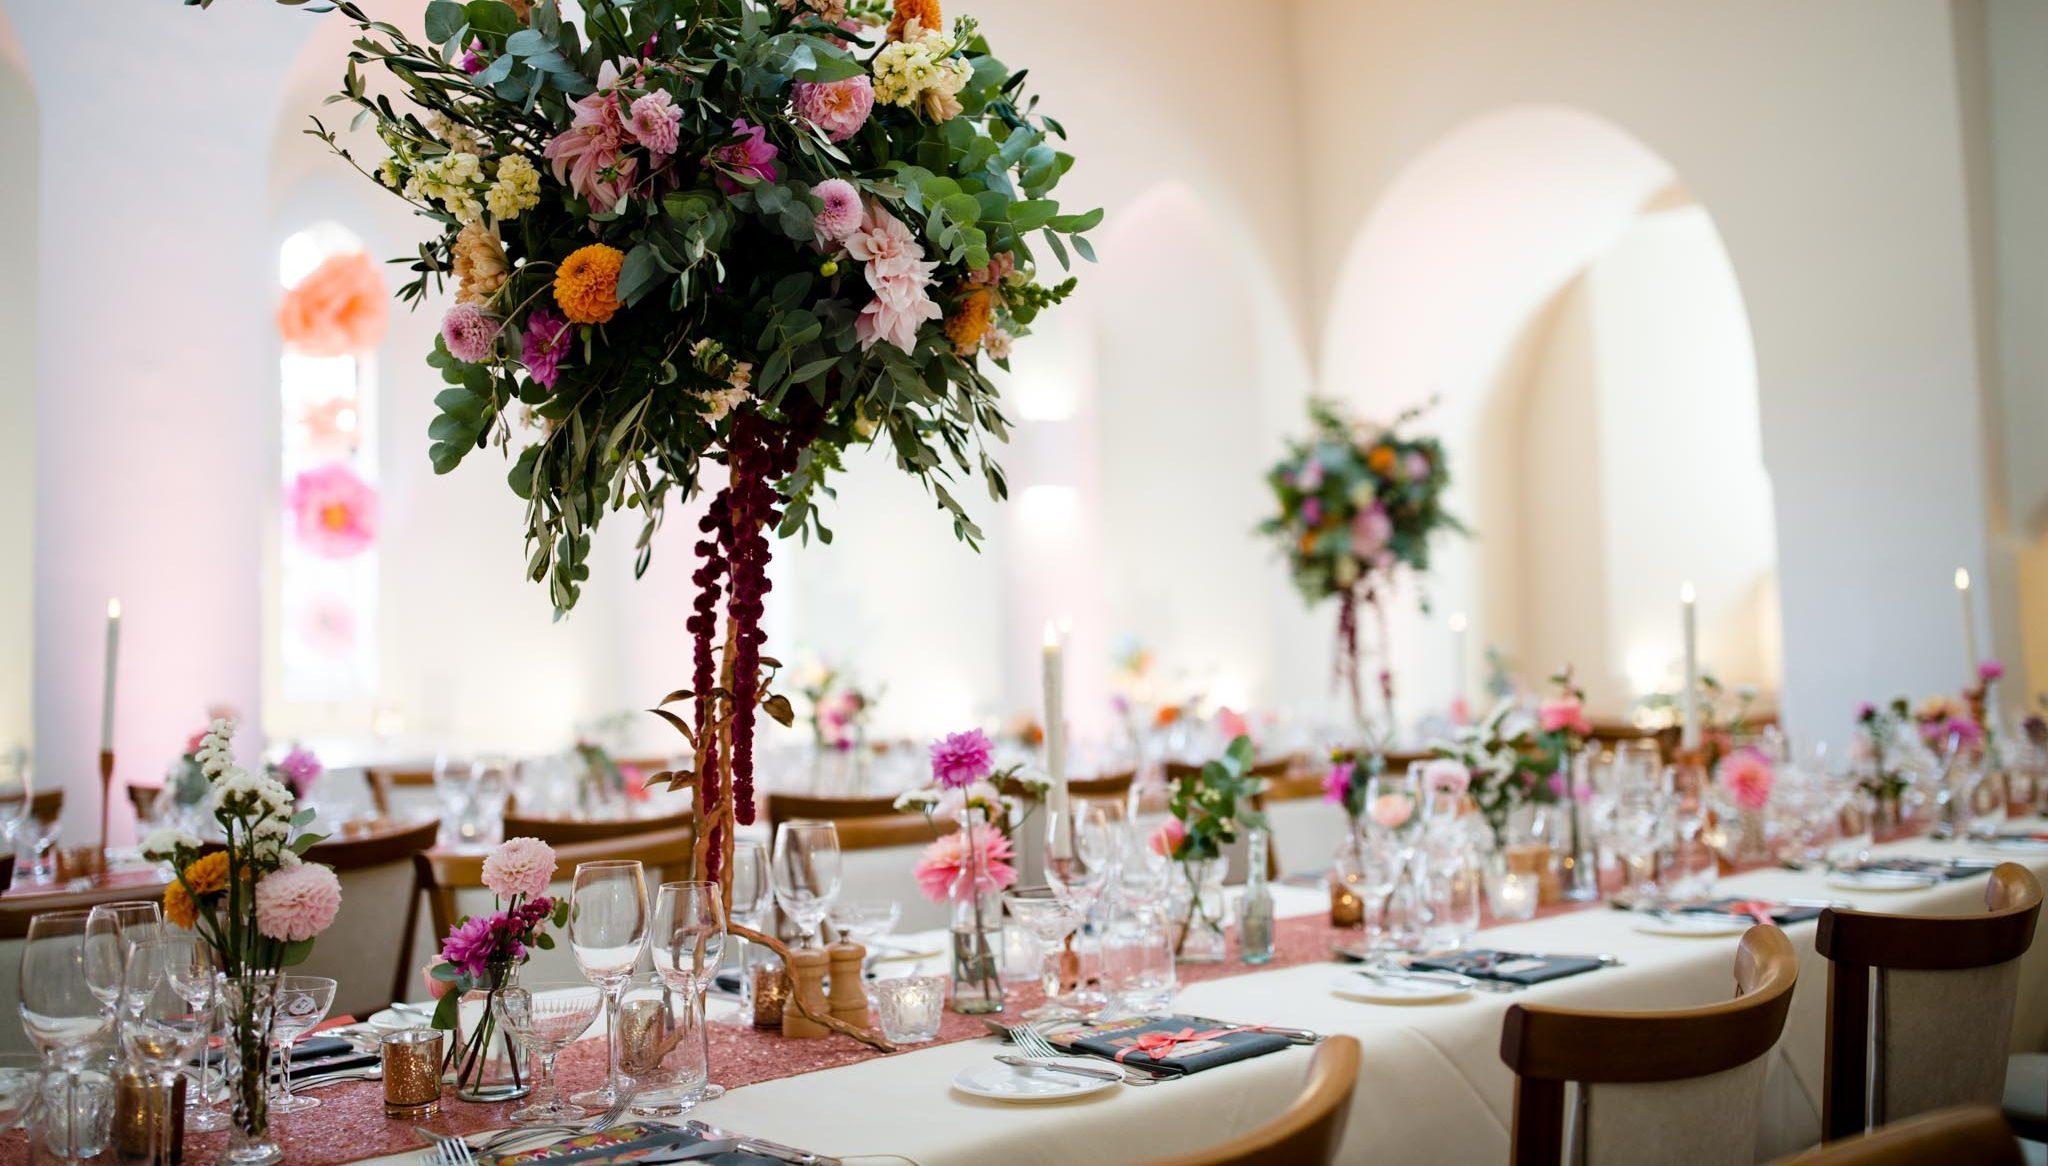 Party ideas at Farnham Castle in Surrey